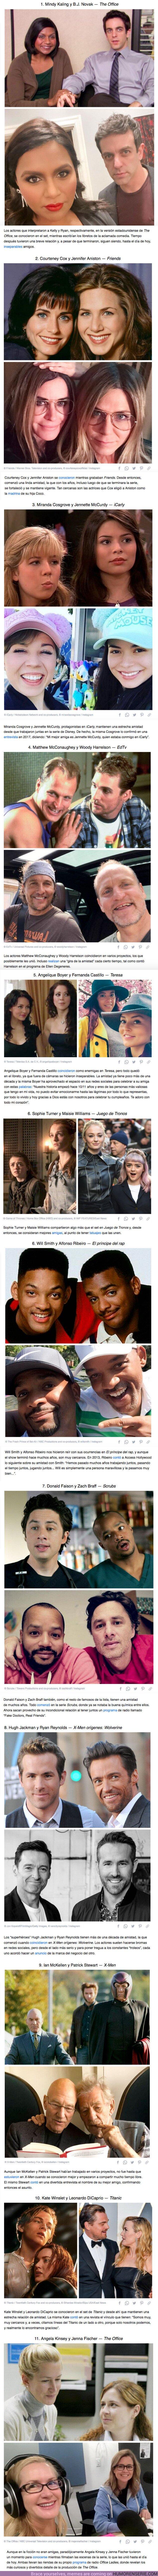 73314 - GALERÍA: 10+ Veces en que la amistad entre actores superó la pantalla y pasó a la vida real